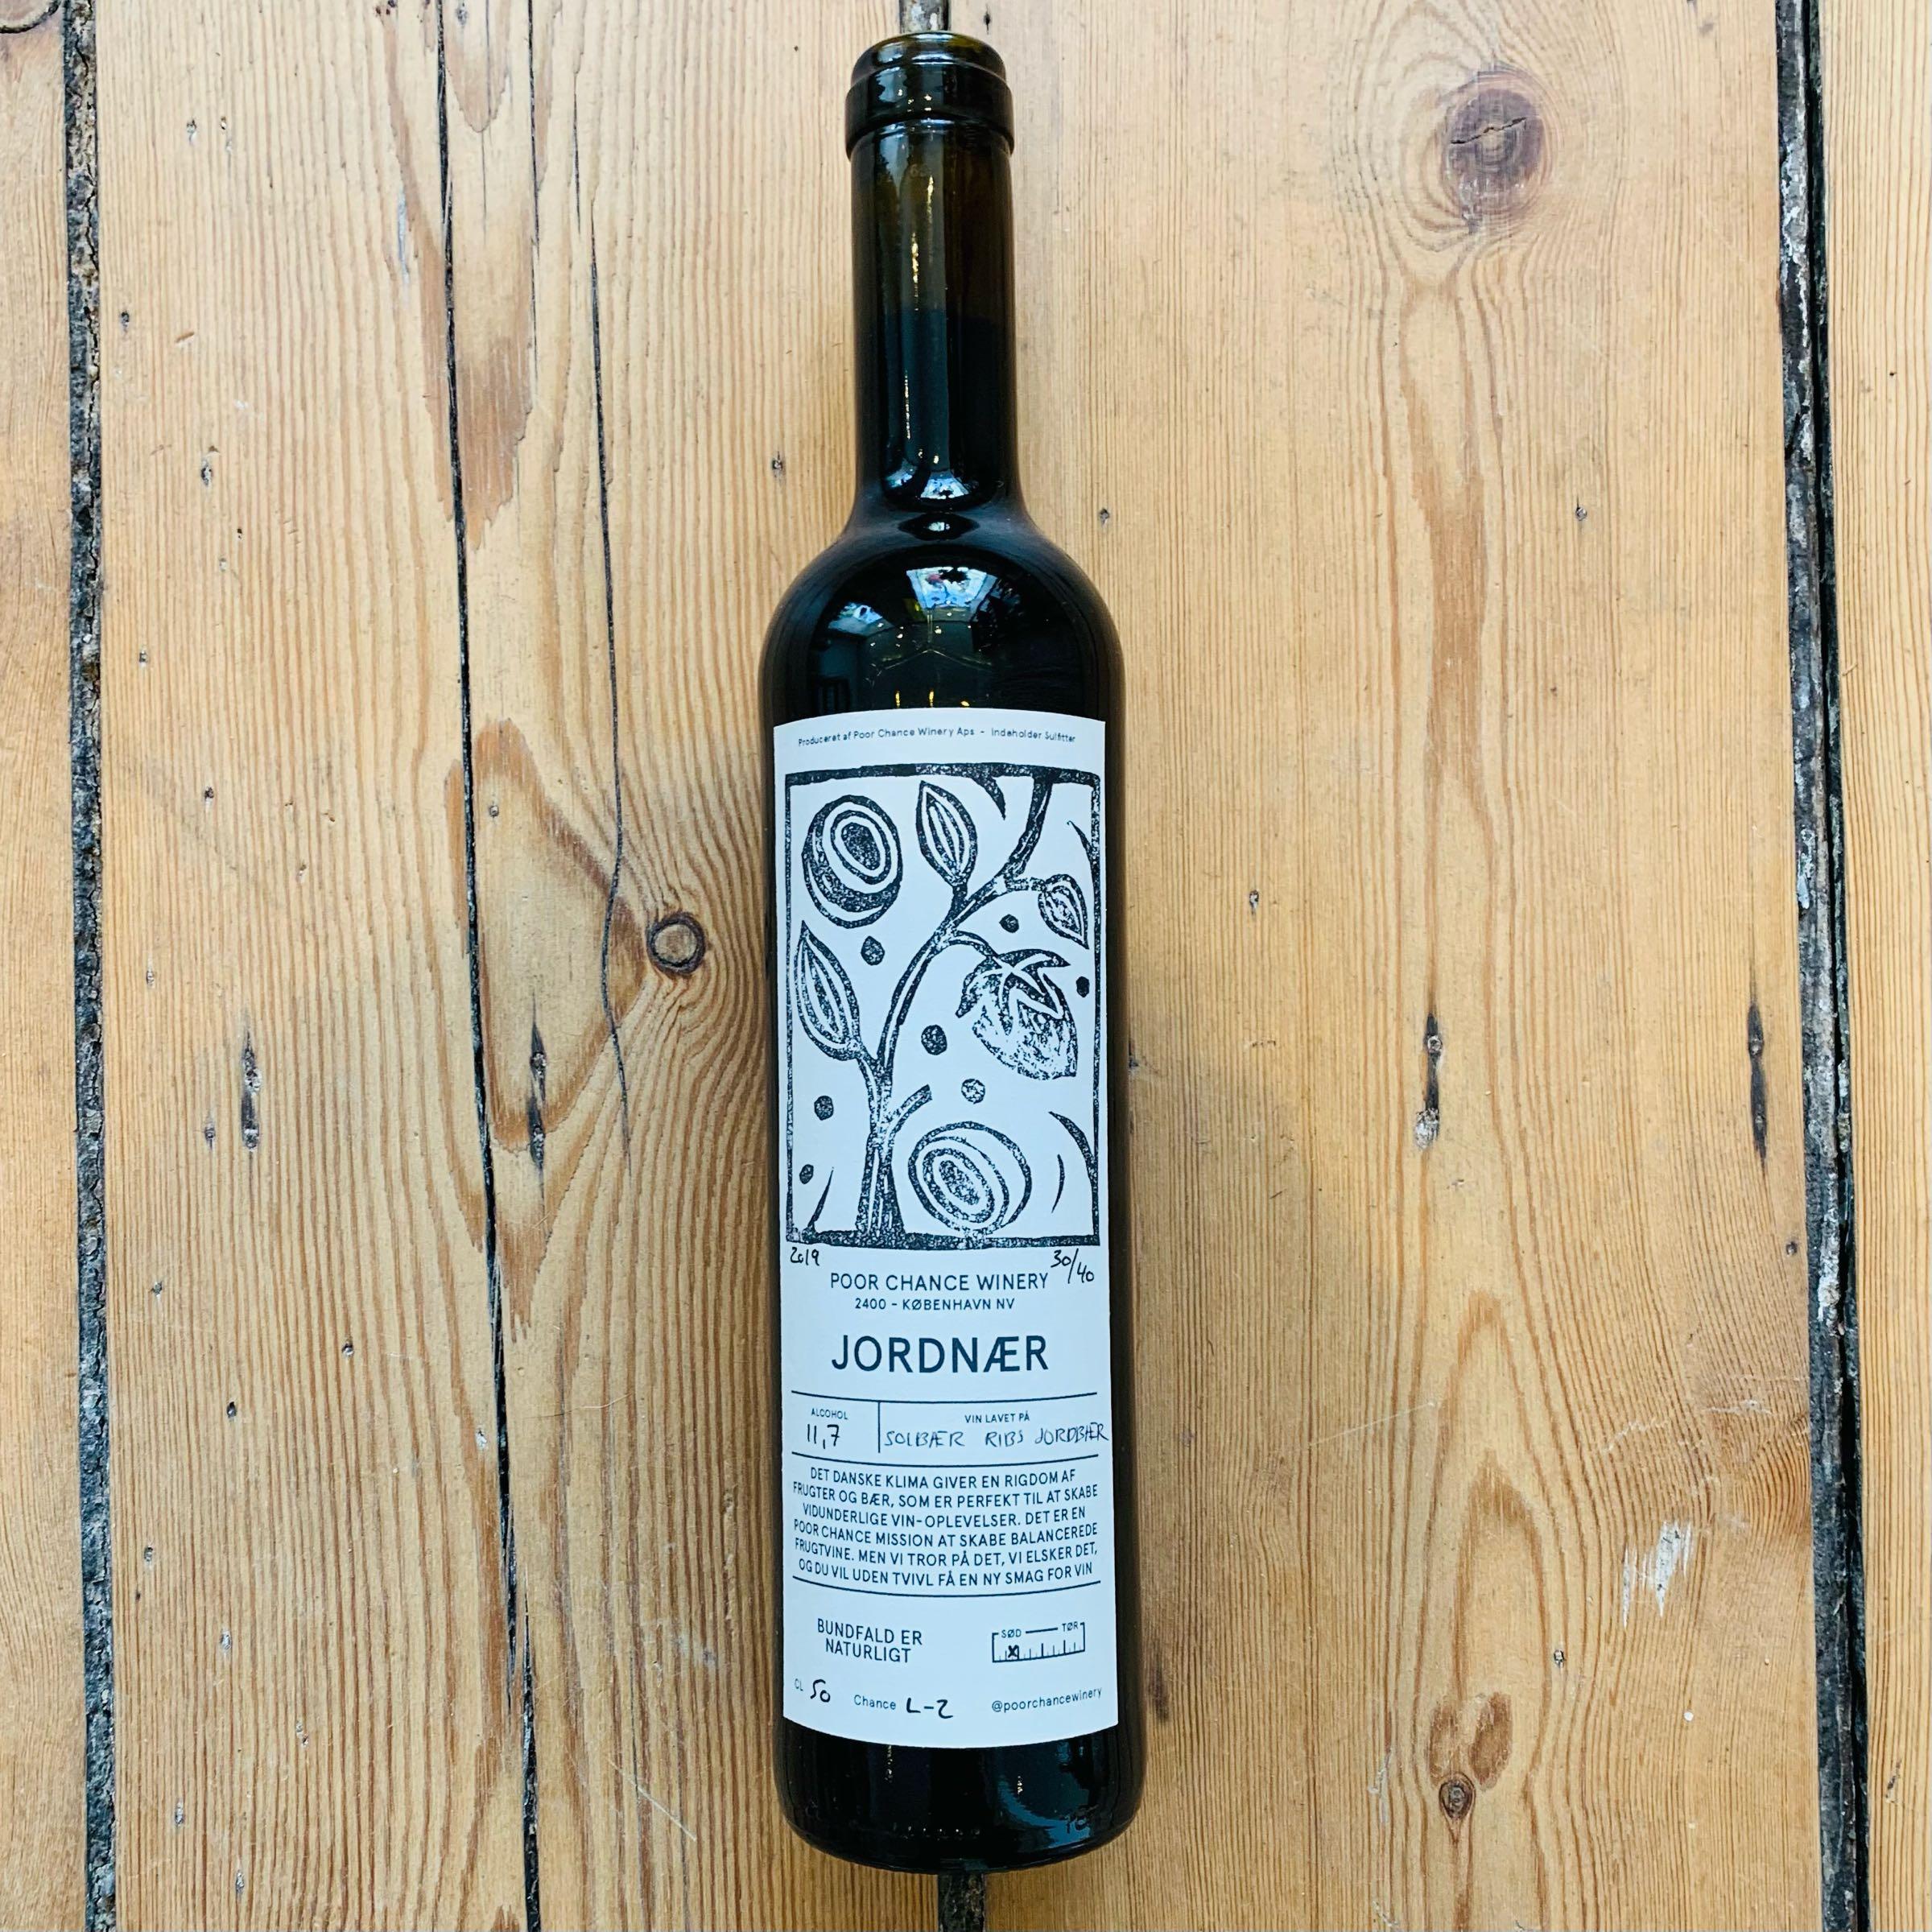 Poor Chance Winery Jordnær 2019